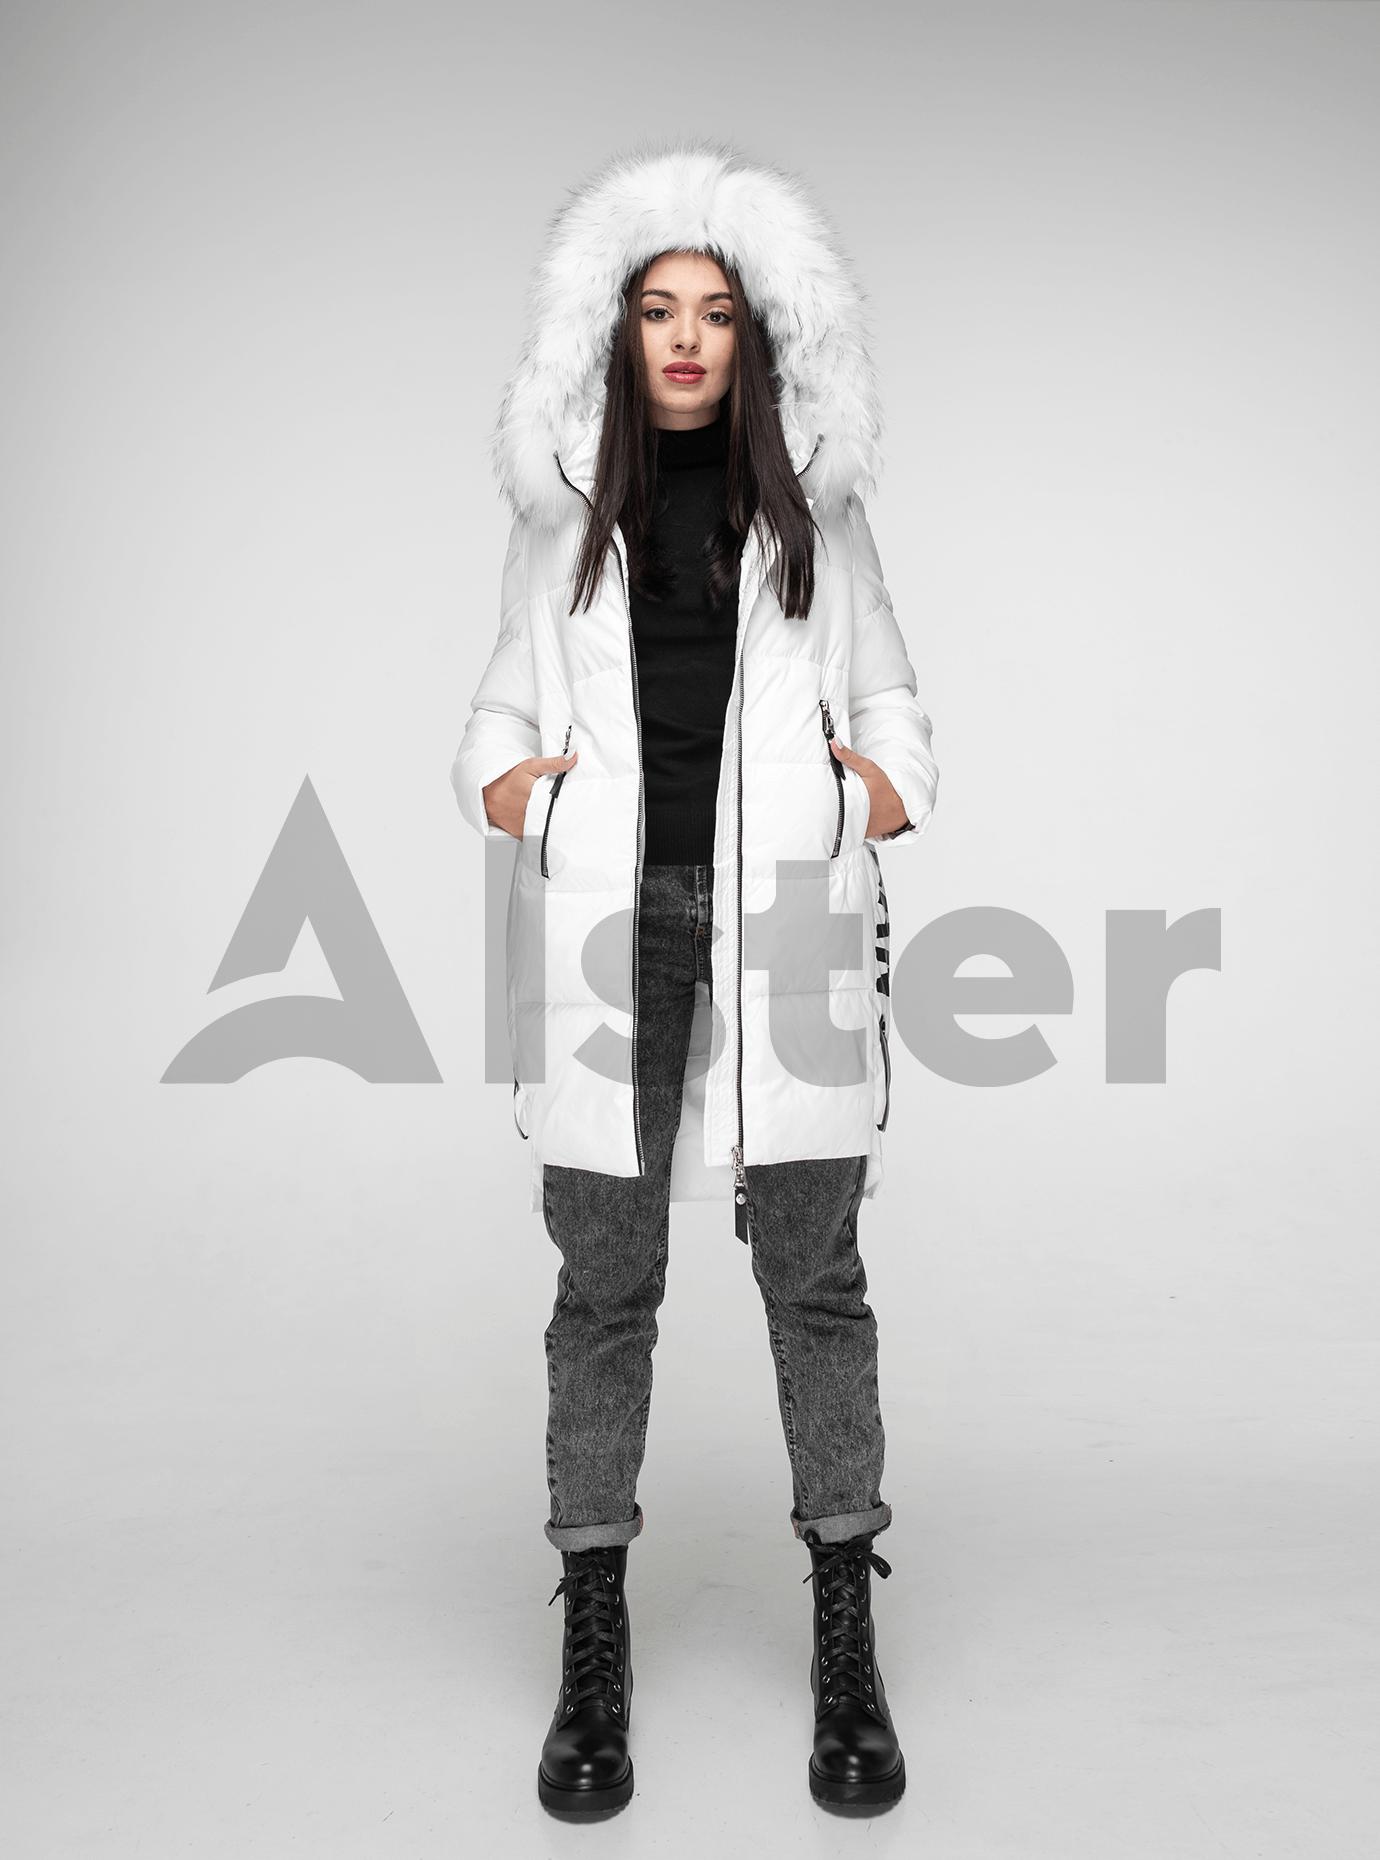 Куртка зимняя с мехом енота Белый XL (05-V191093): фото - Alster.ua